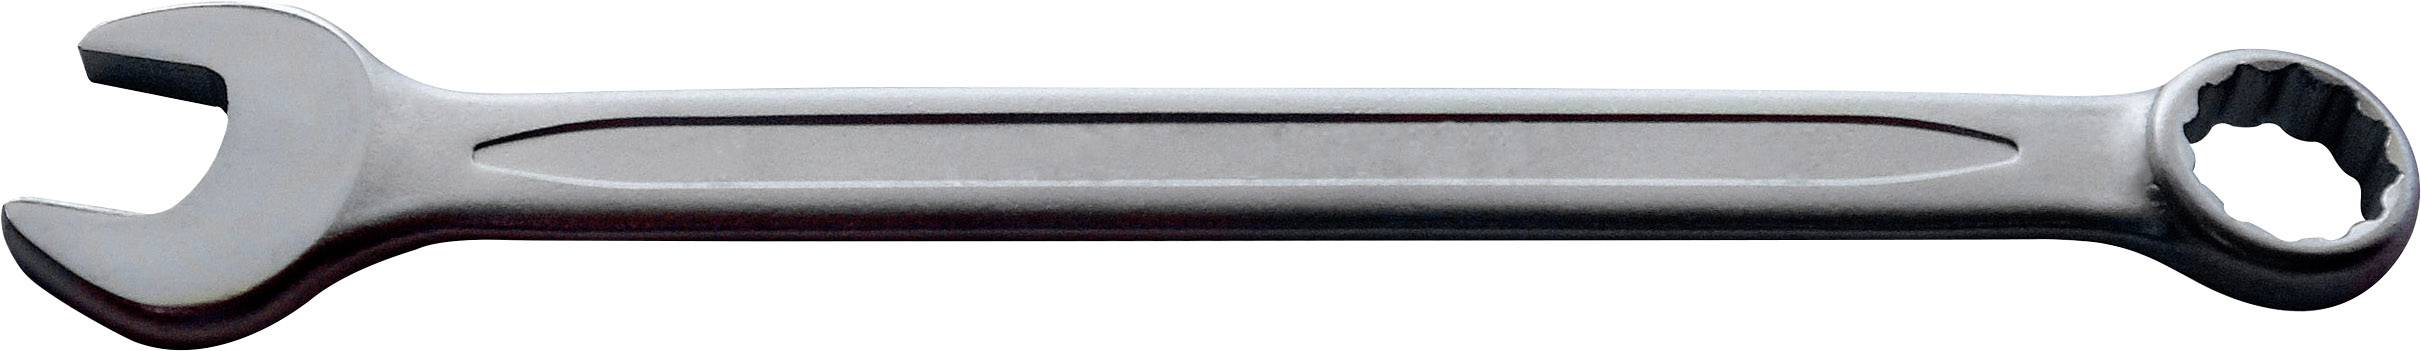 Očkoplochý klíč TOOLCRAFT 820837, DIN 3113 Form A, 14 mm